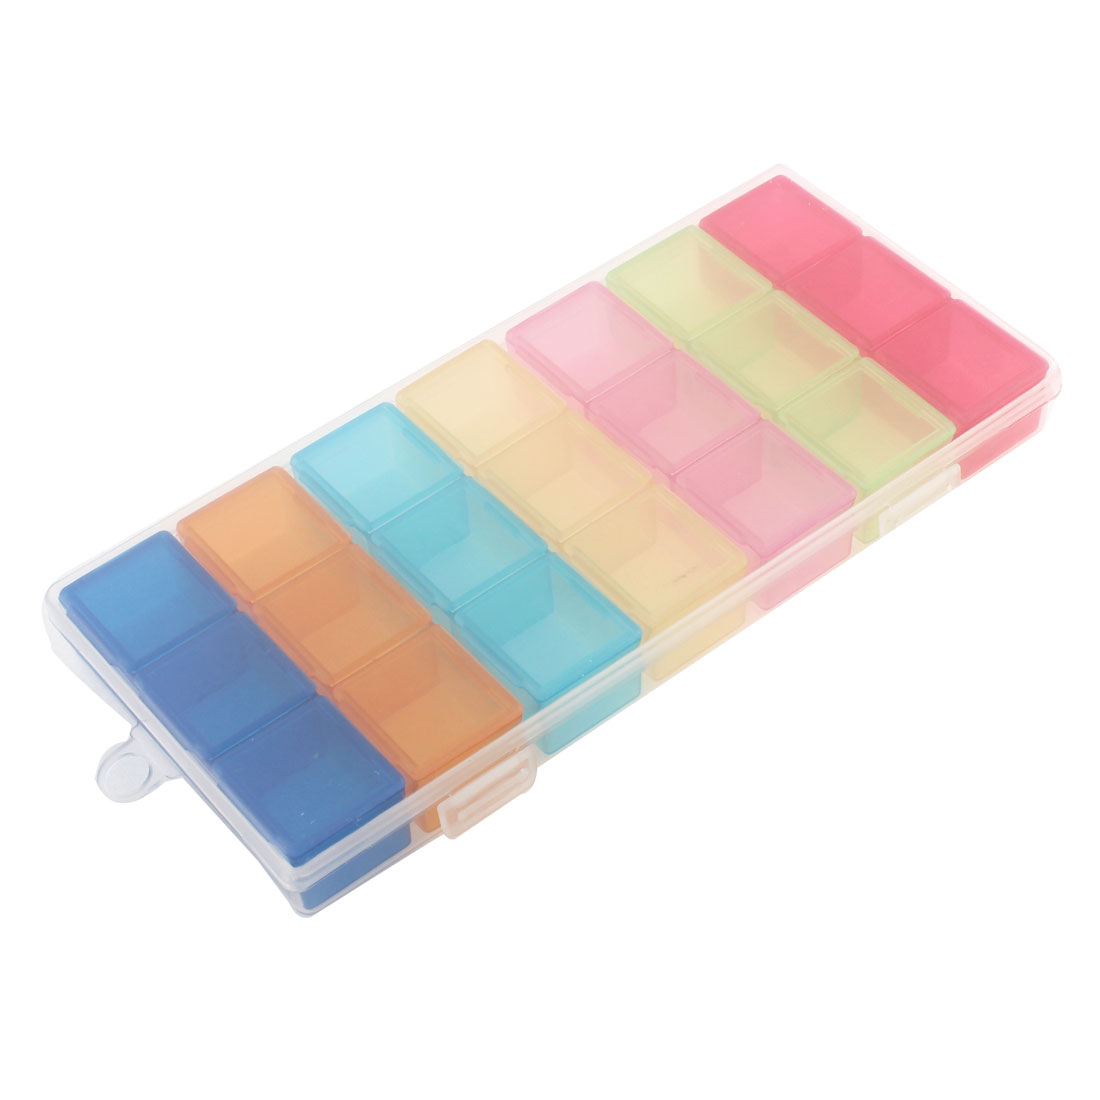 Multicolor 21 Mini Square Component 7 Day Vitamins Pill Box Container Case